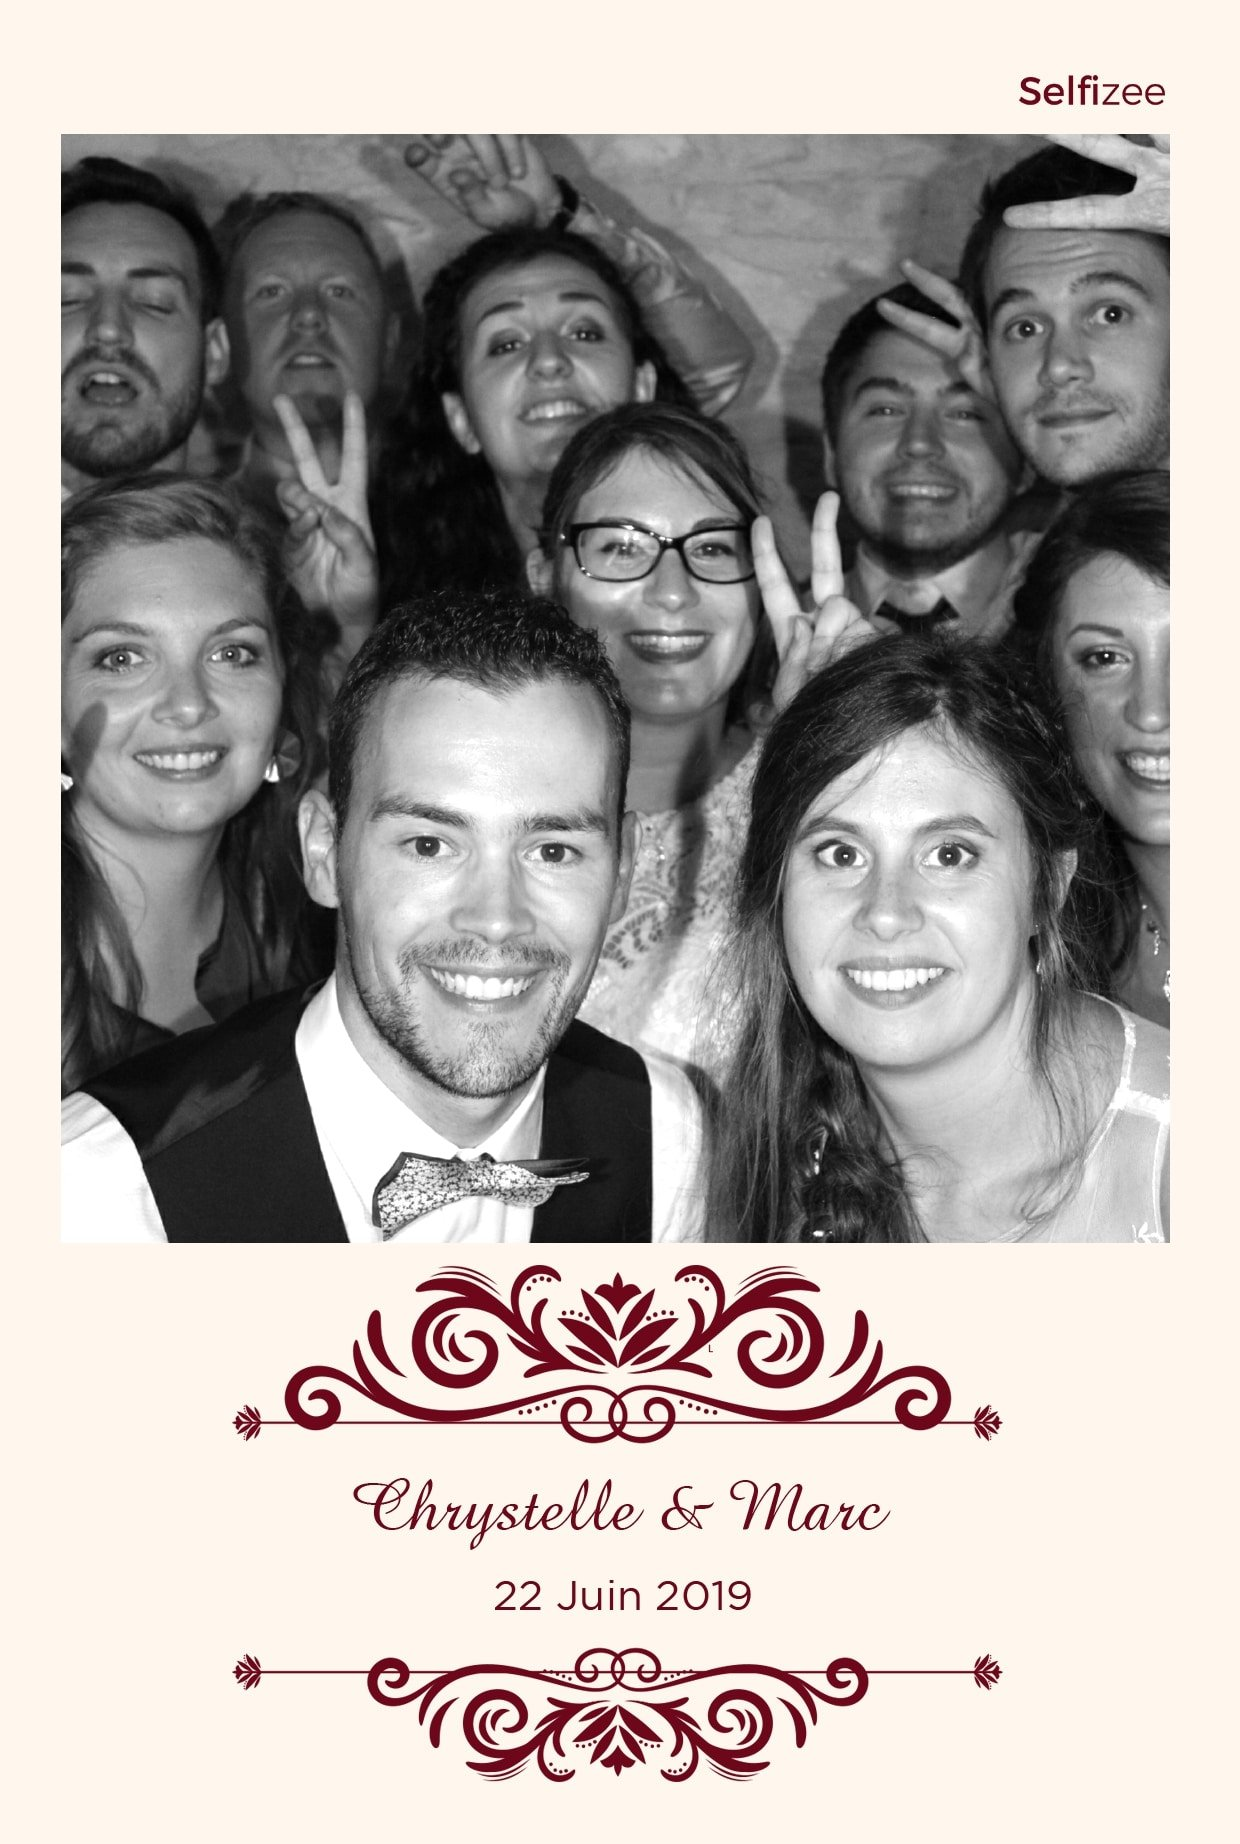 Photo personnalisée mariage et animation selfie box à Perpignan - location photobooth connecté avec imprimante à Perpignan et en Pyrénées Orientales pour fête mariage, anniversaire, baptême, soirée